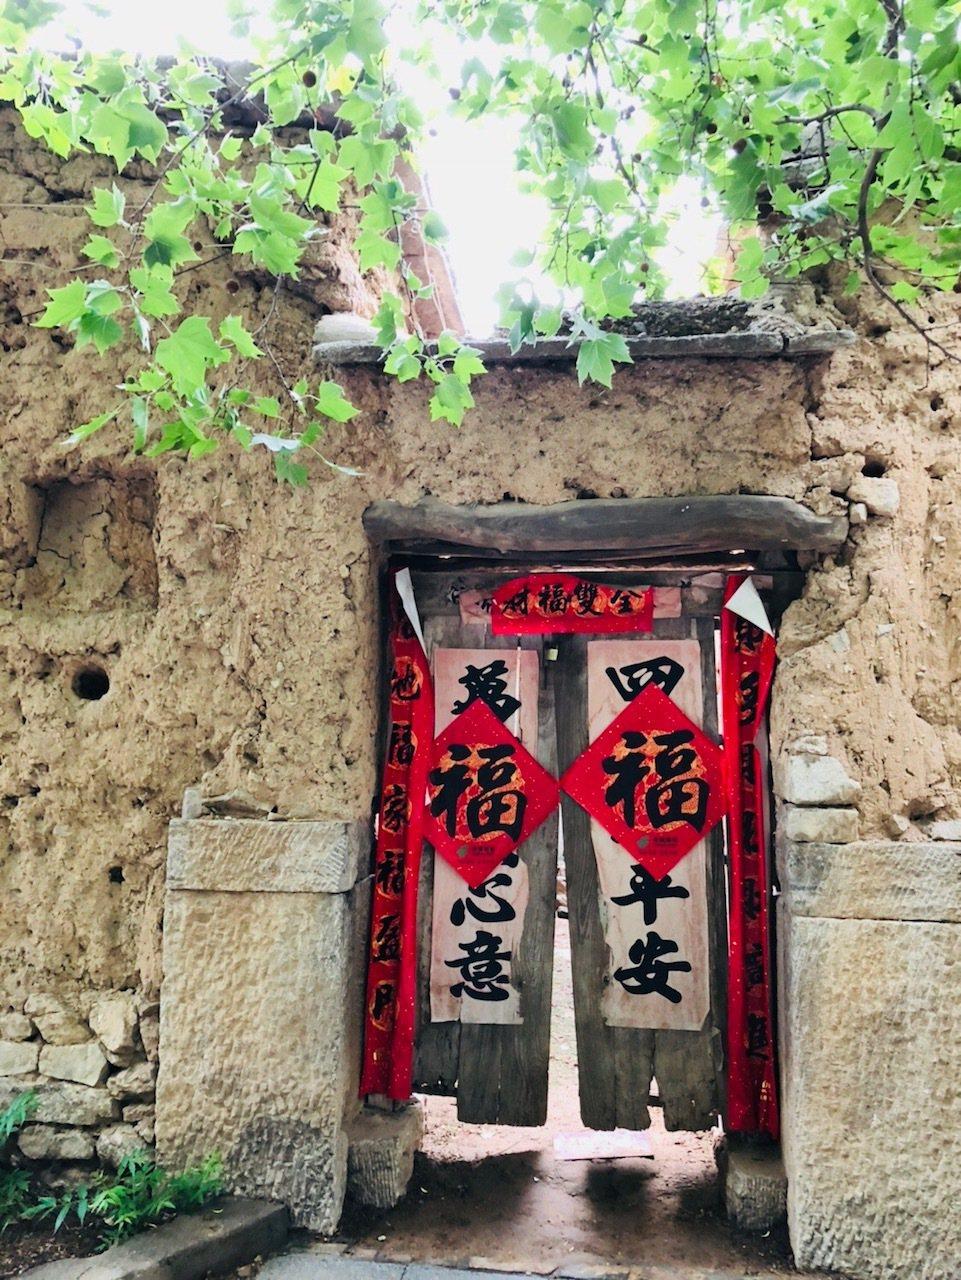 平陰盛產石頭,明代老石砌建築有著動人的歲月美感。圖/錢欽青、張繼欄